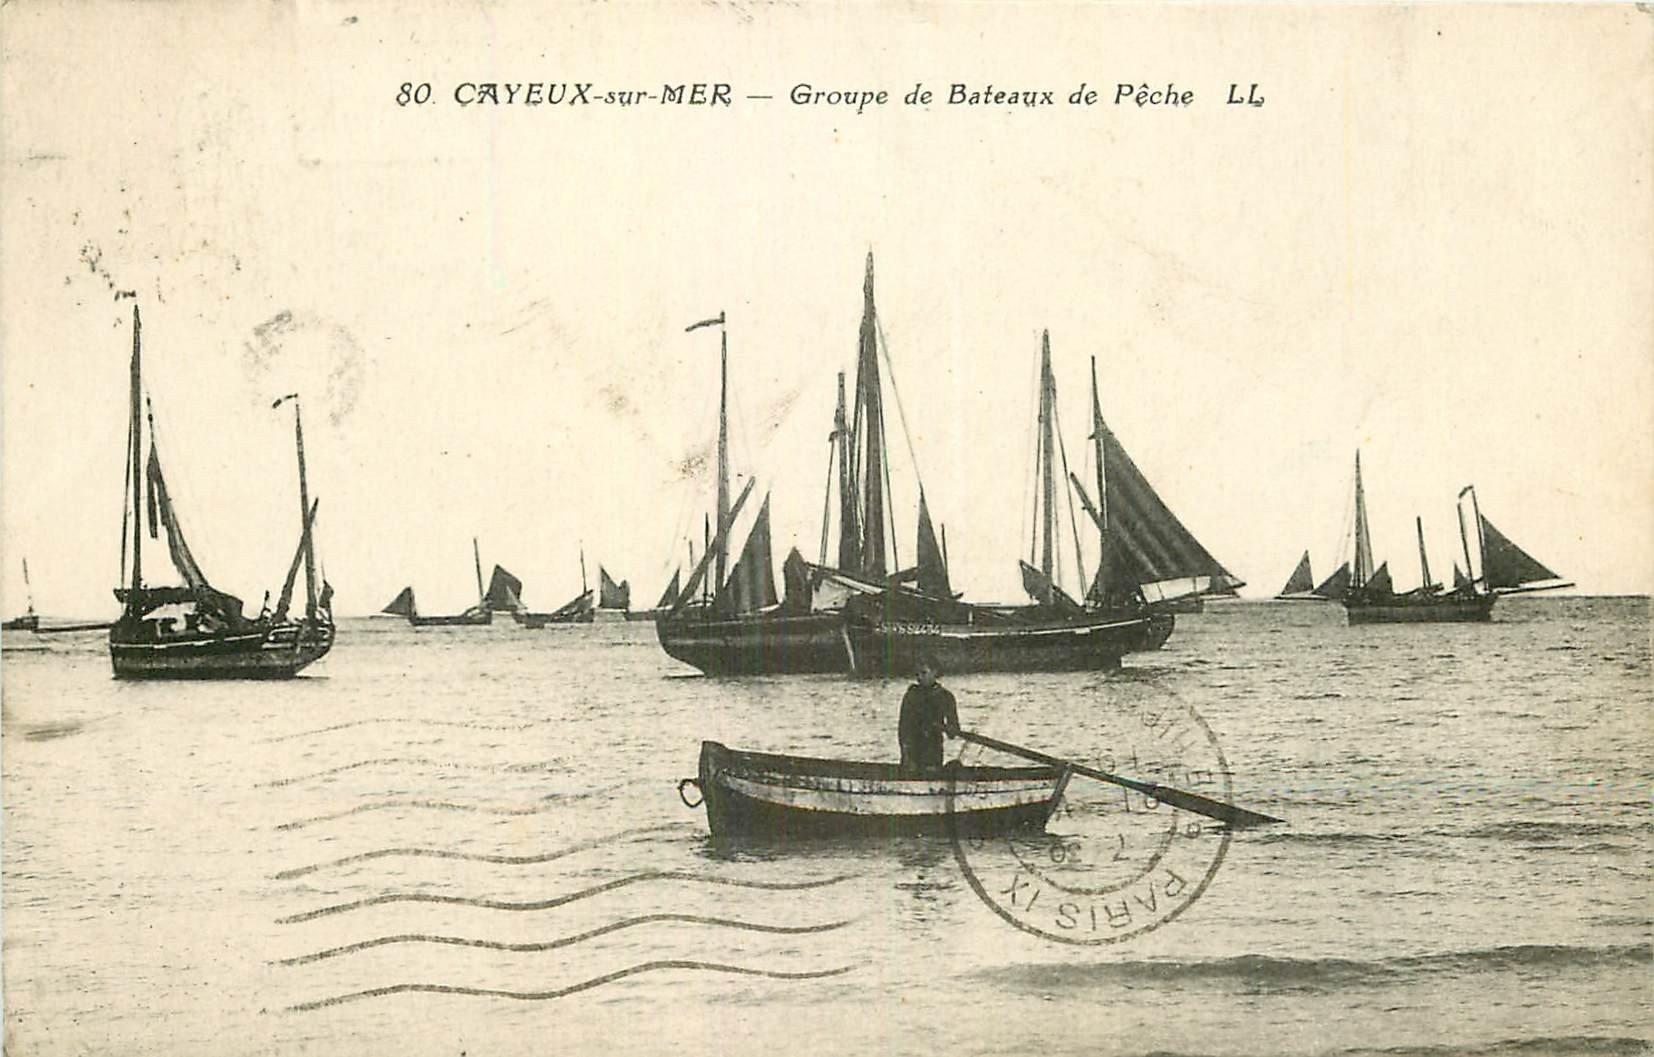 80 CAYEUX SUR MER. Groupe de Bateaux de Pêche et Pêcheurs 1931